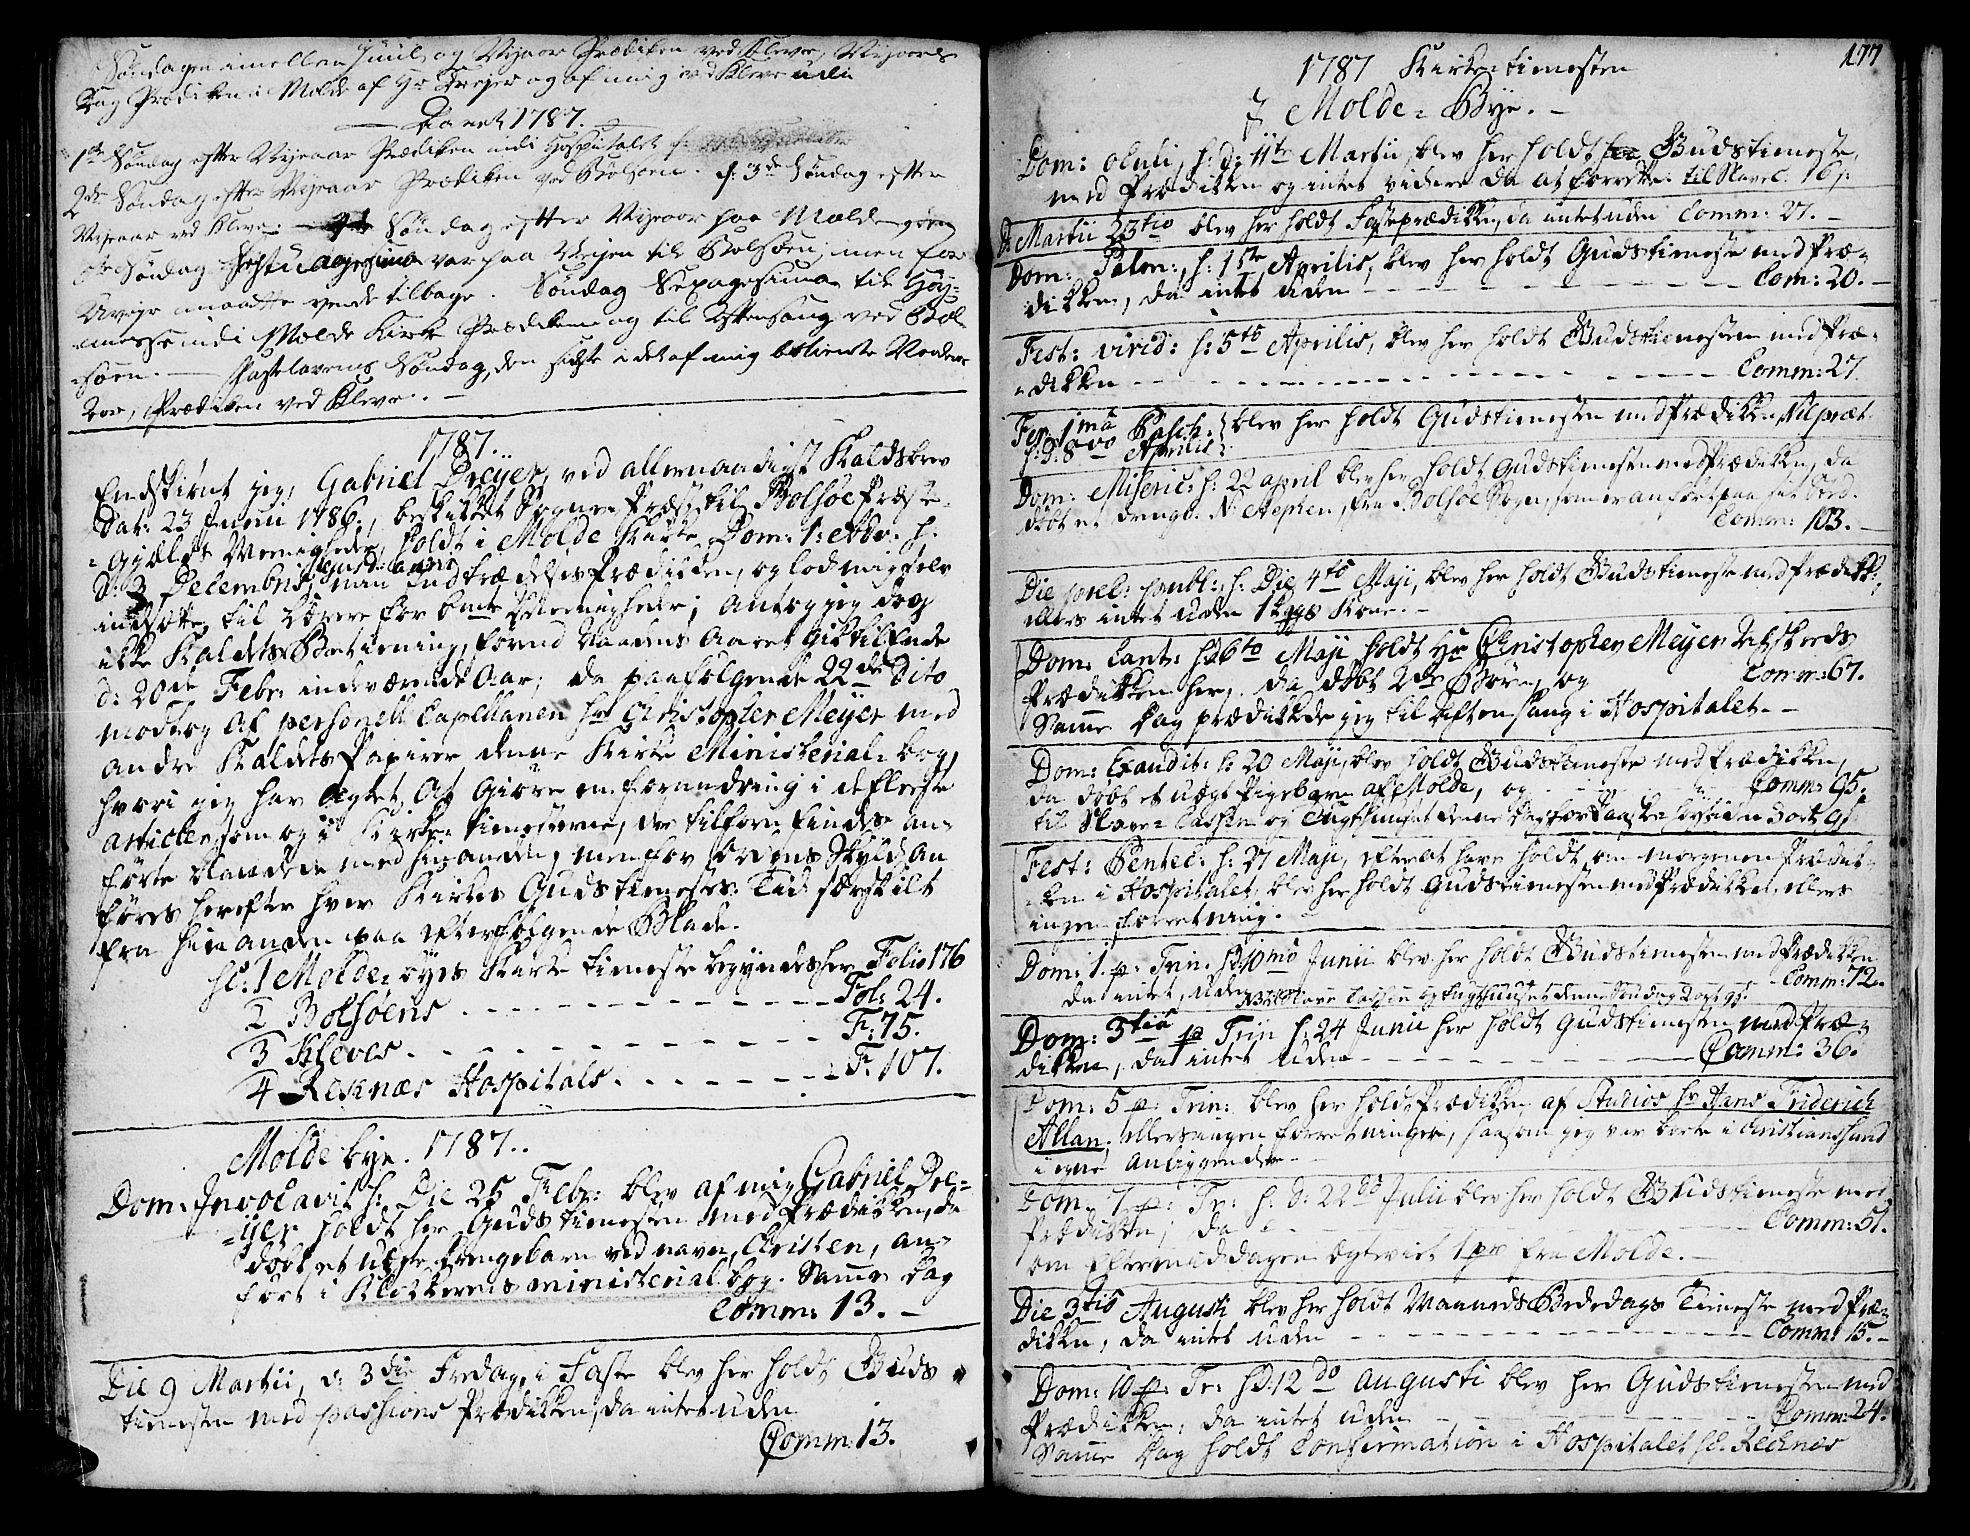 SAT, Ministerialprotokoller, klokkerbøker og fødselsregistre - Møre og Romsdal, 555/L0648: Ministerialbok nr. 555A01, 1759-1793, s. 177